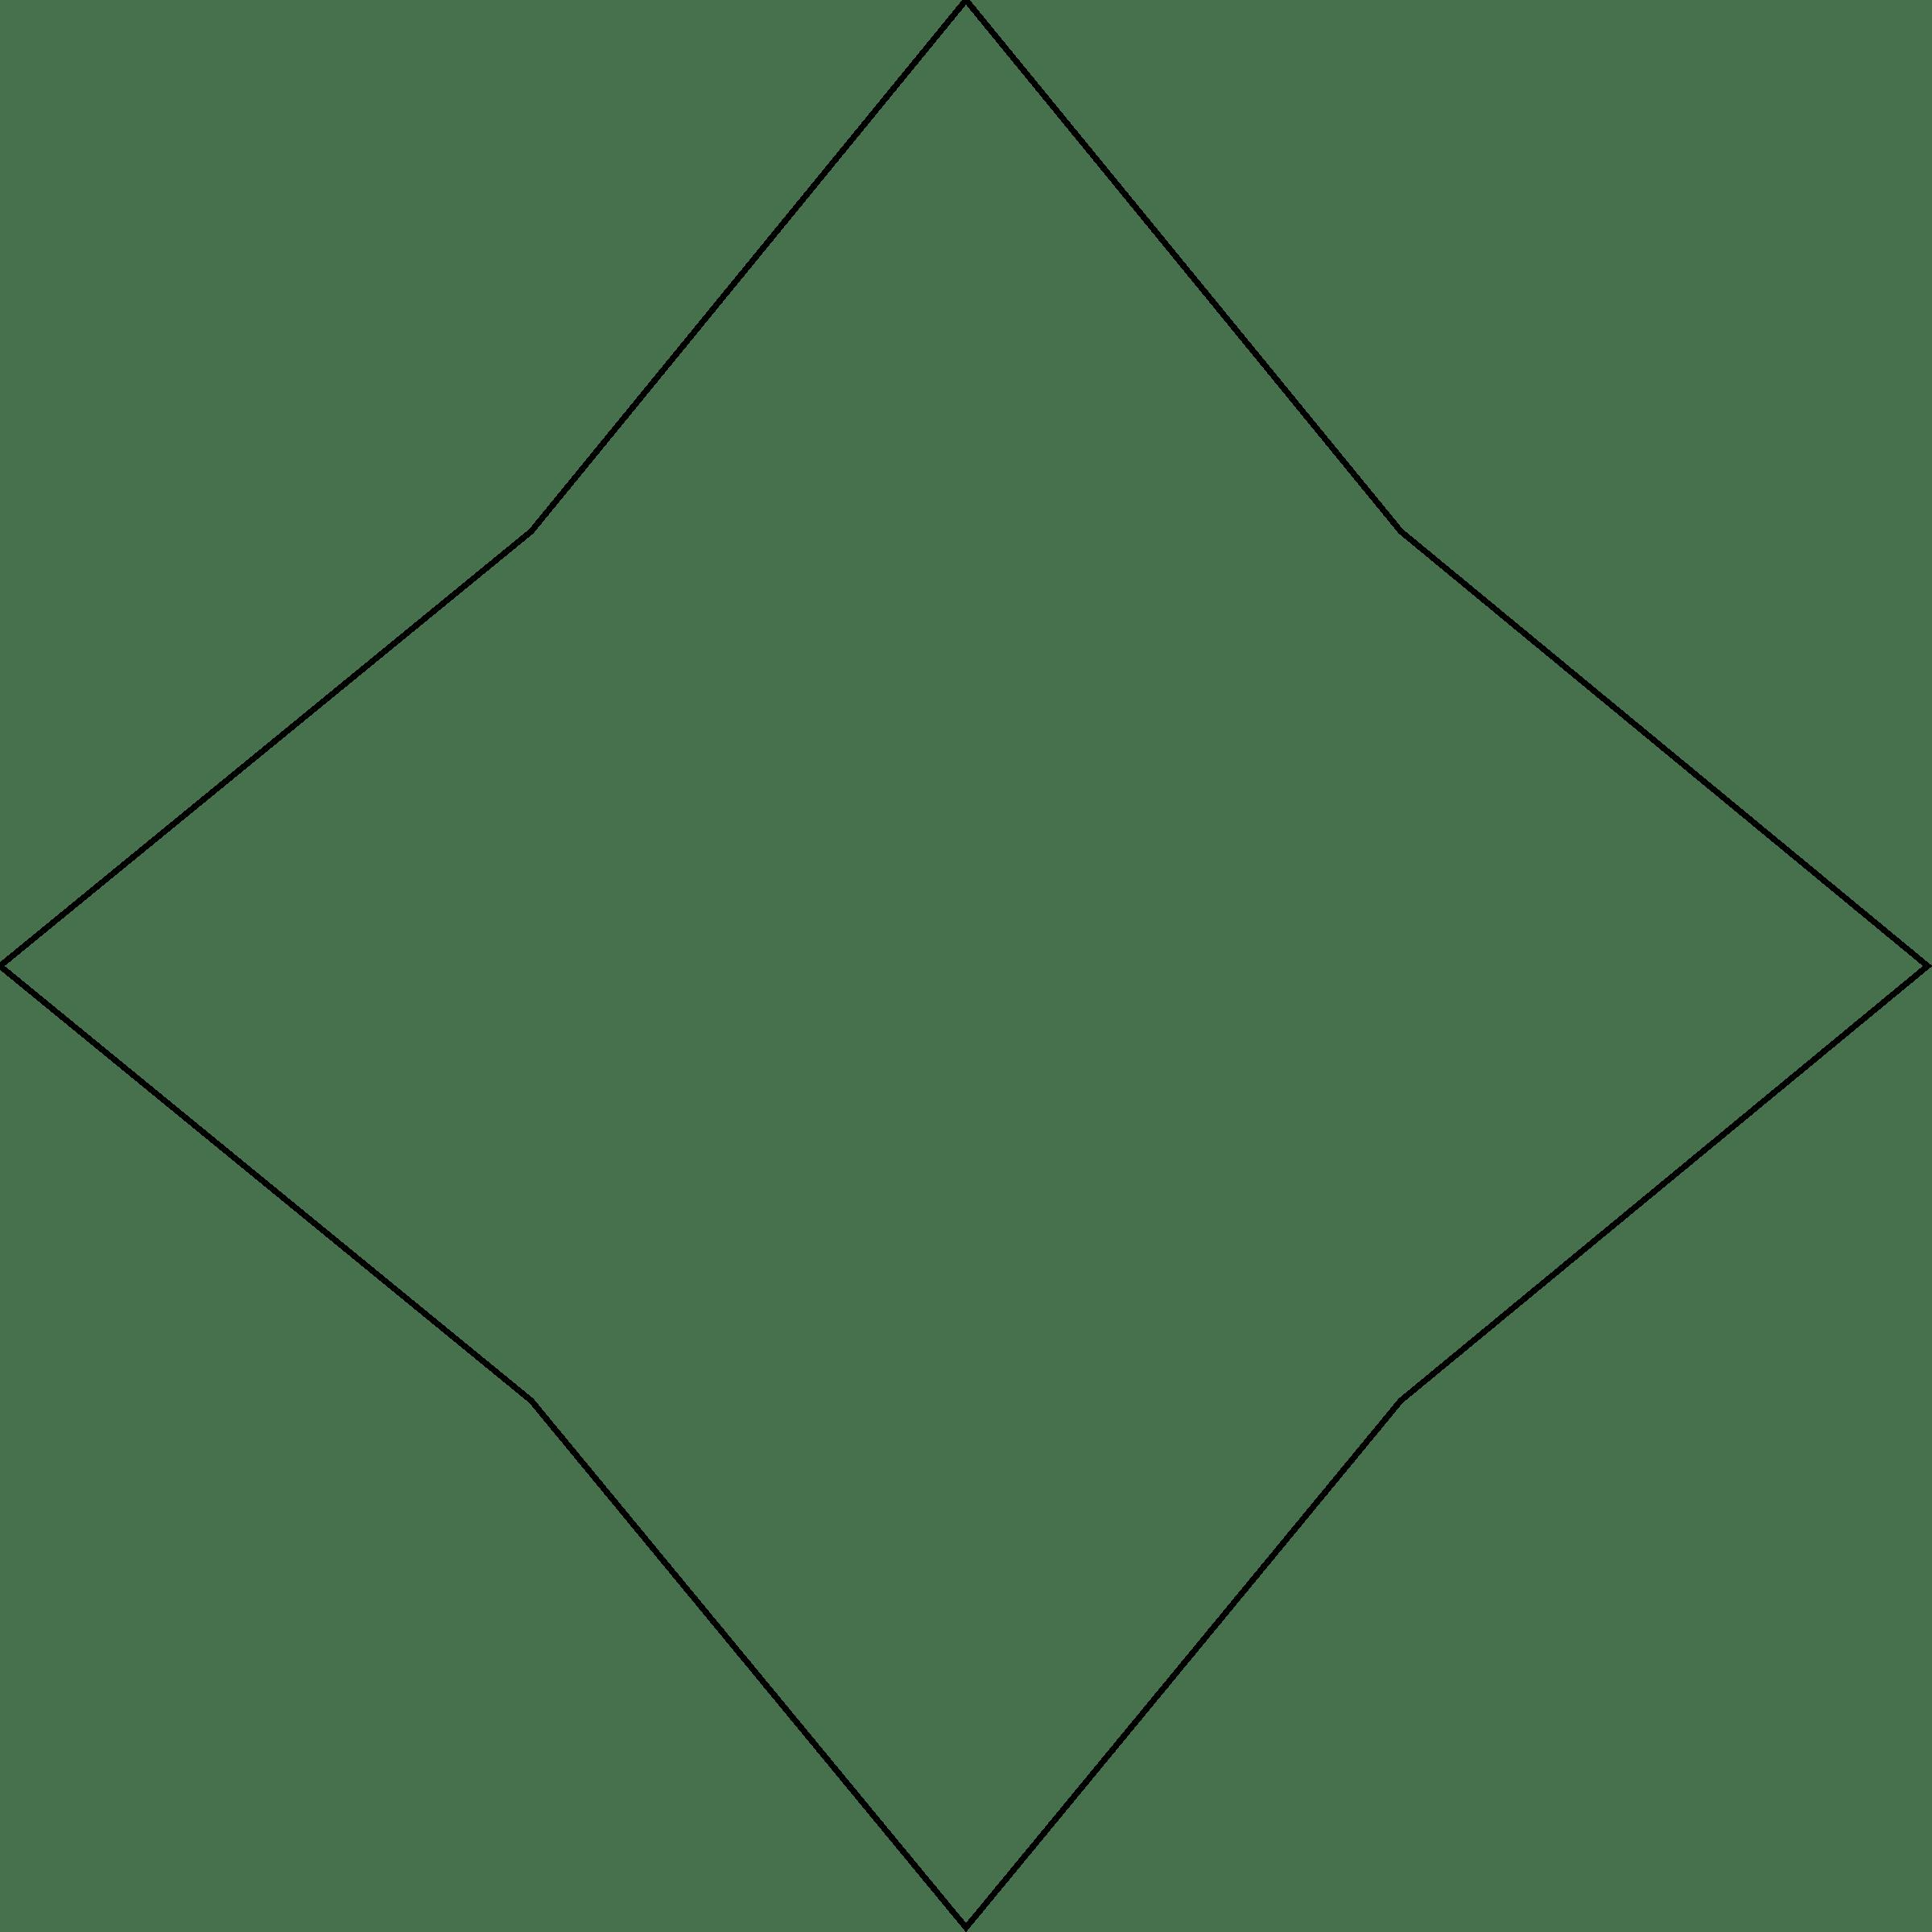 Diamond Shape Clipart Star